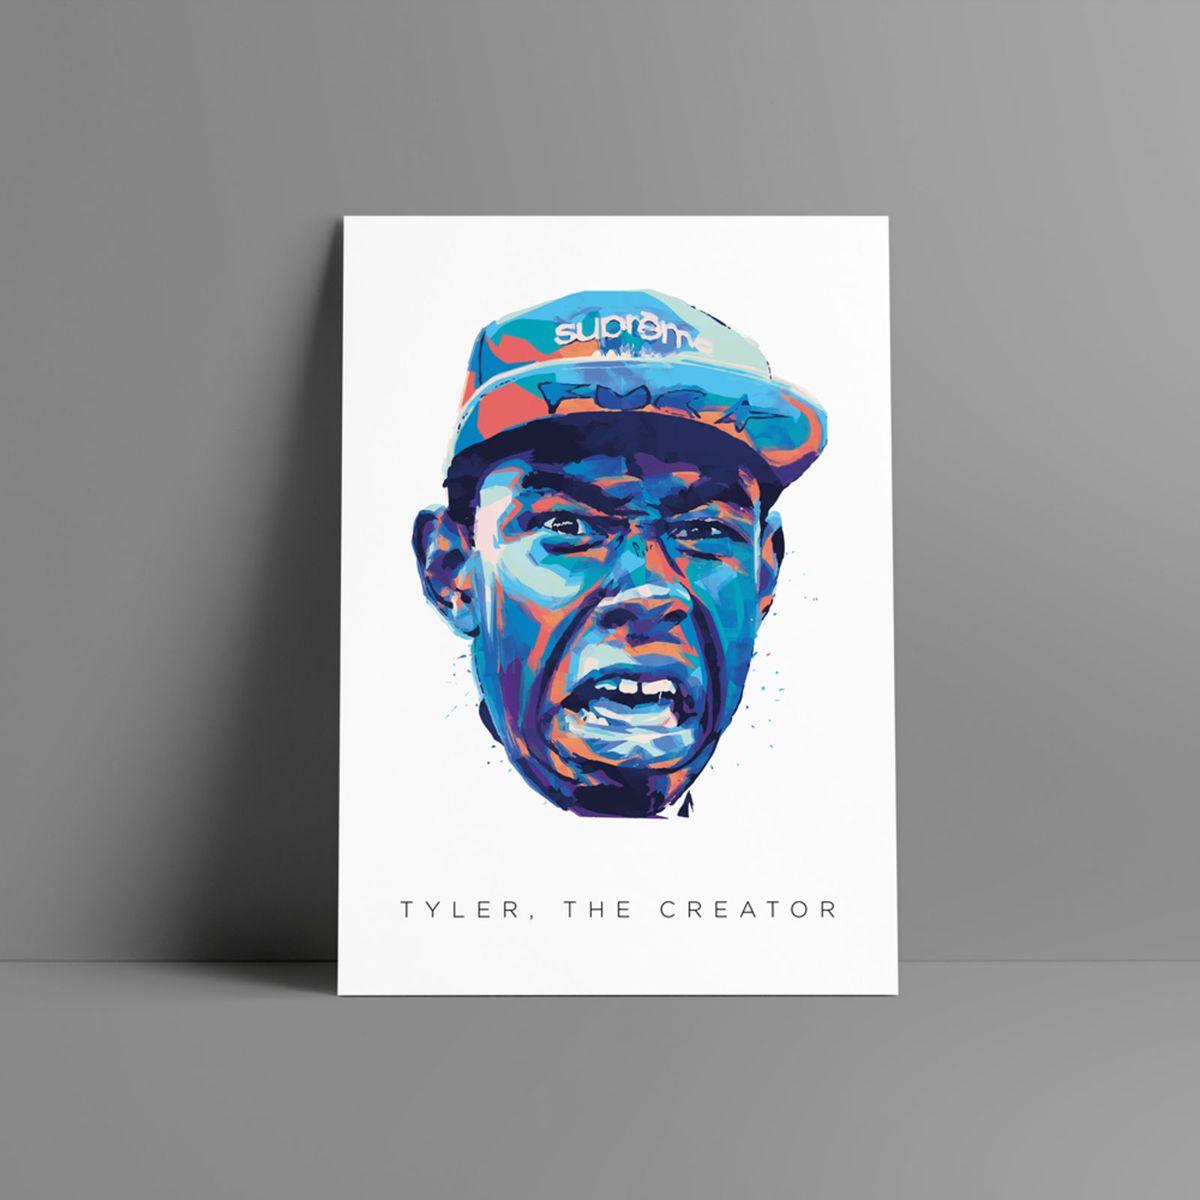 poster tyler, the creator - decoração sem marca